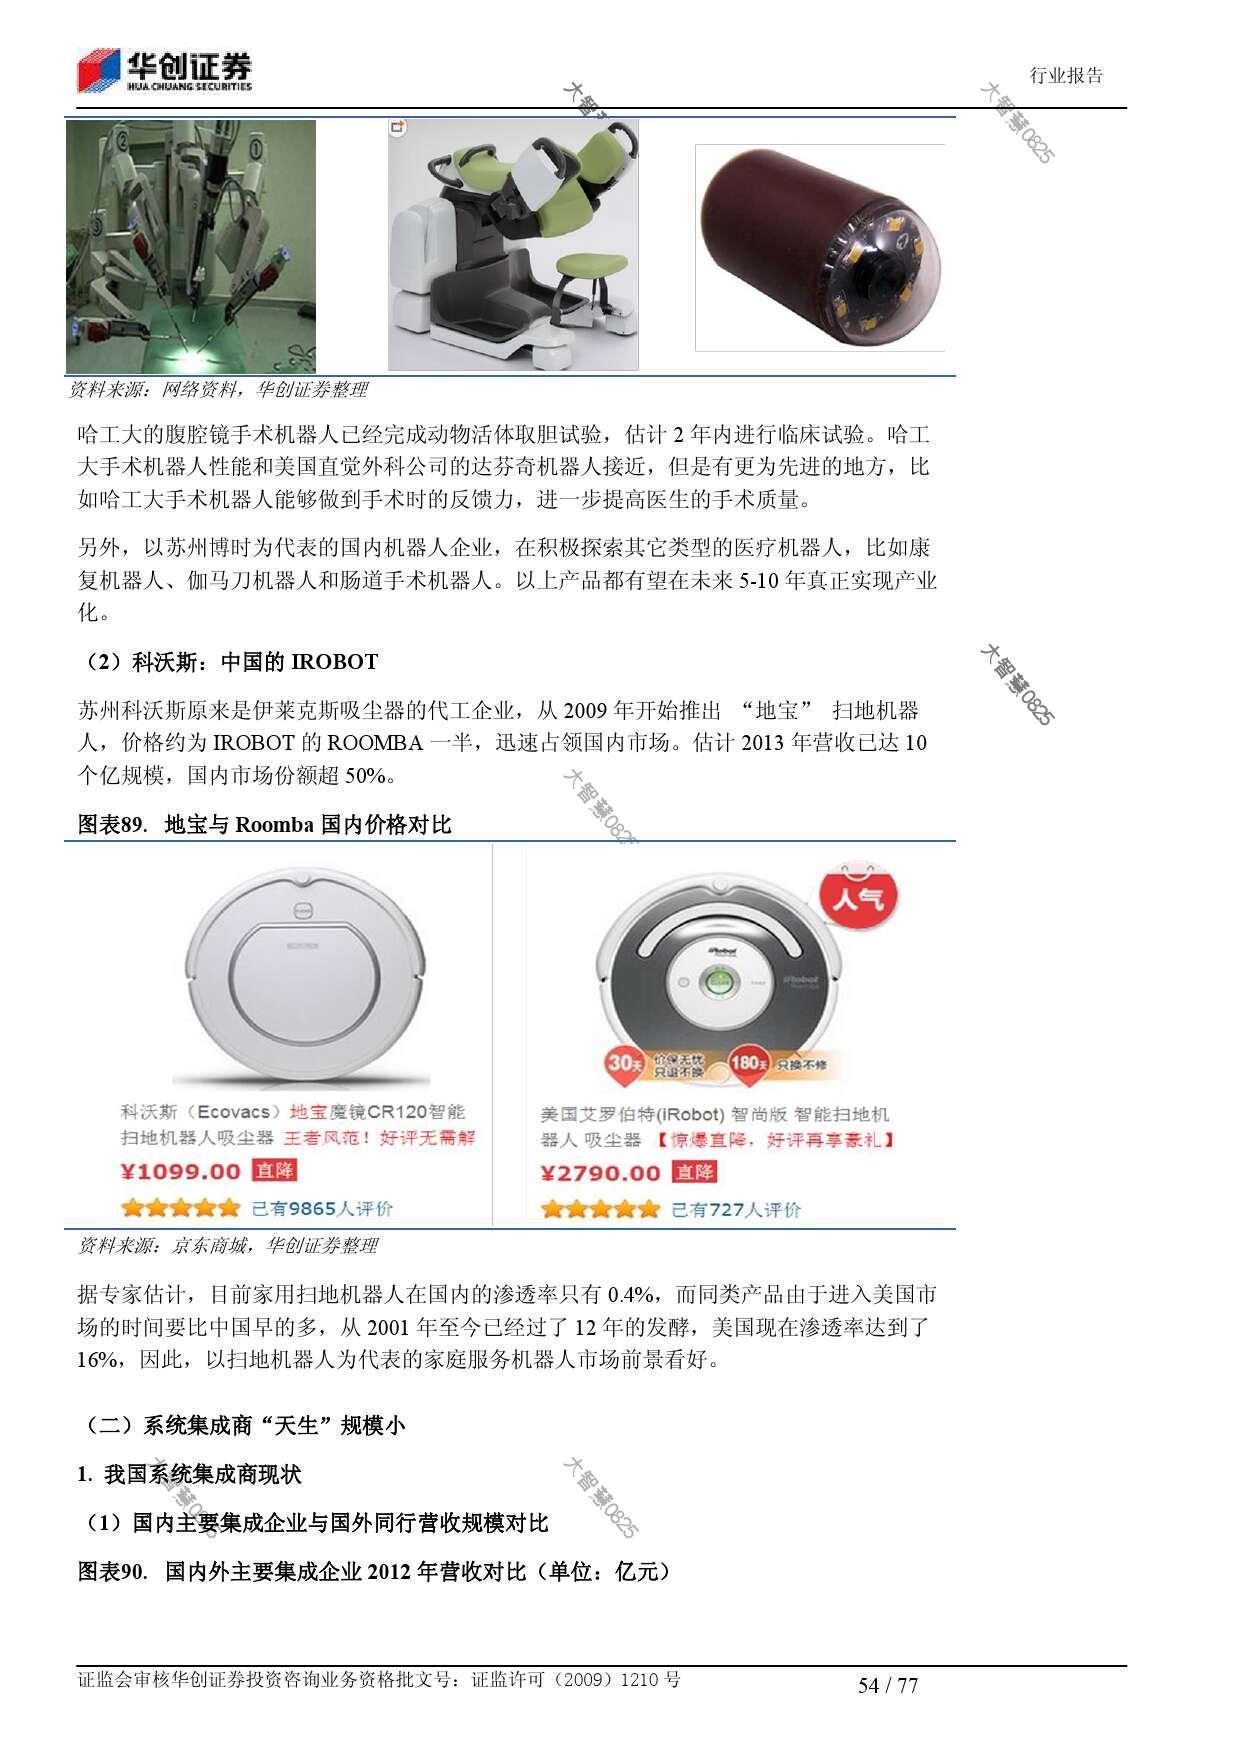 行业研究_华创证券_刘国清,鲁佩_机械设备:机器人大趋势_2014021_000054